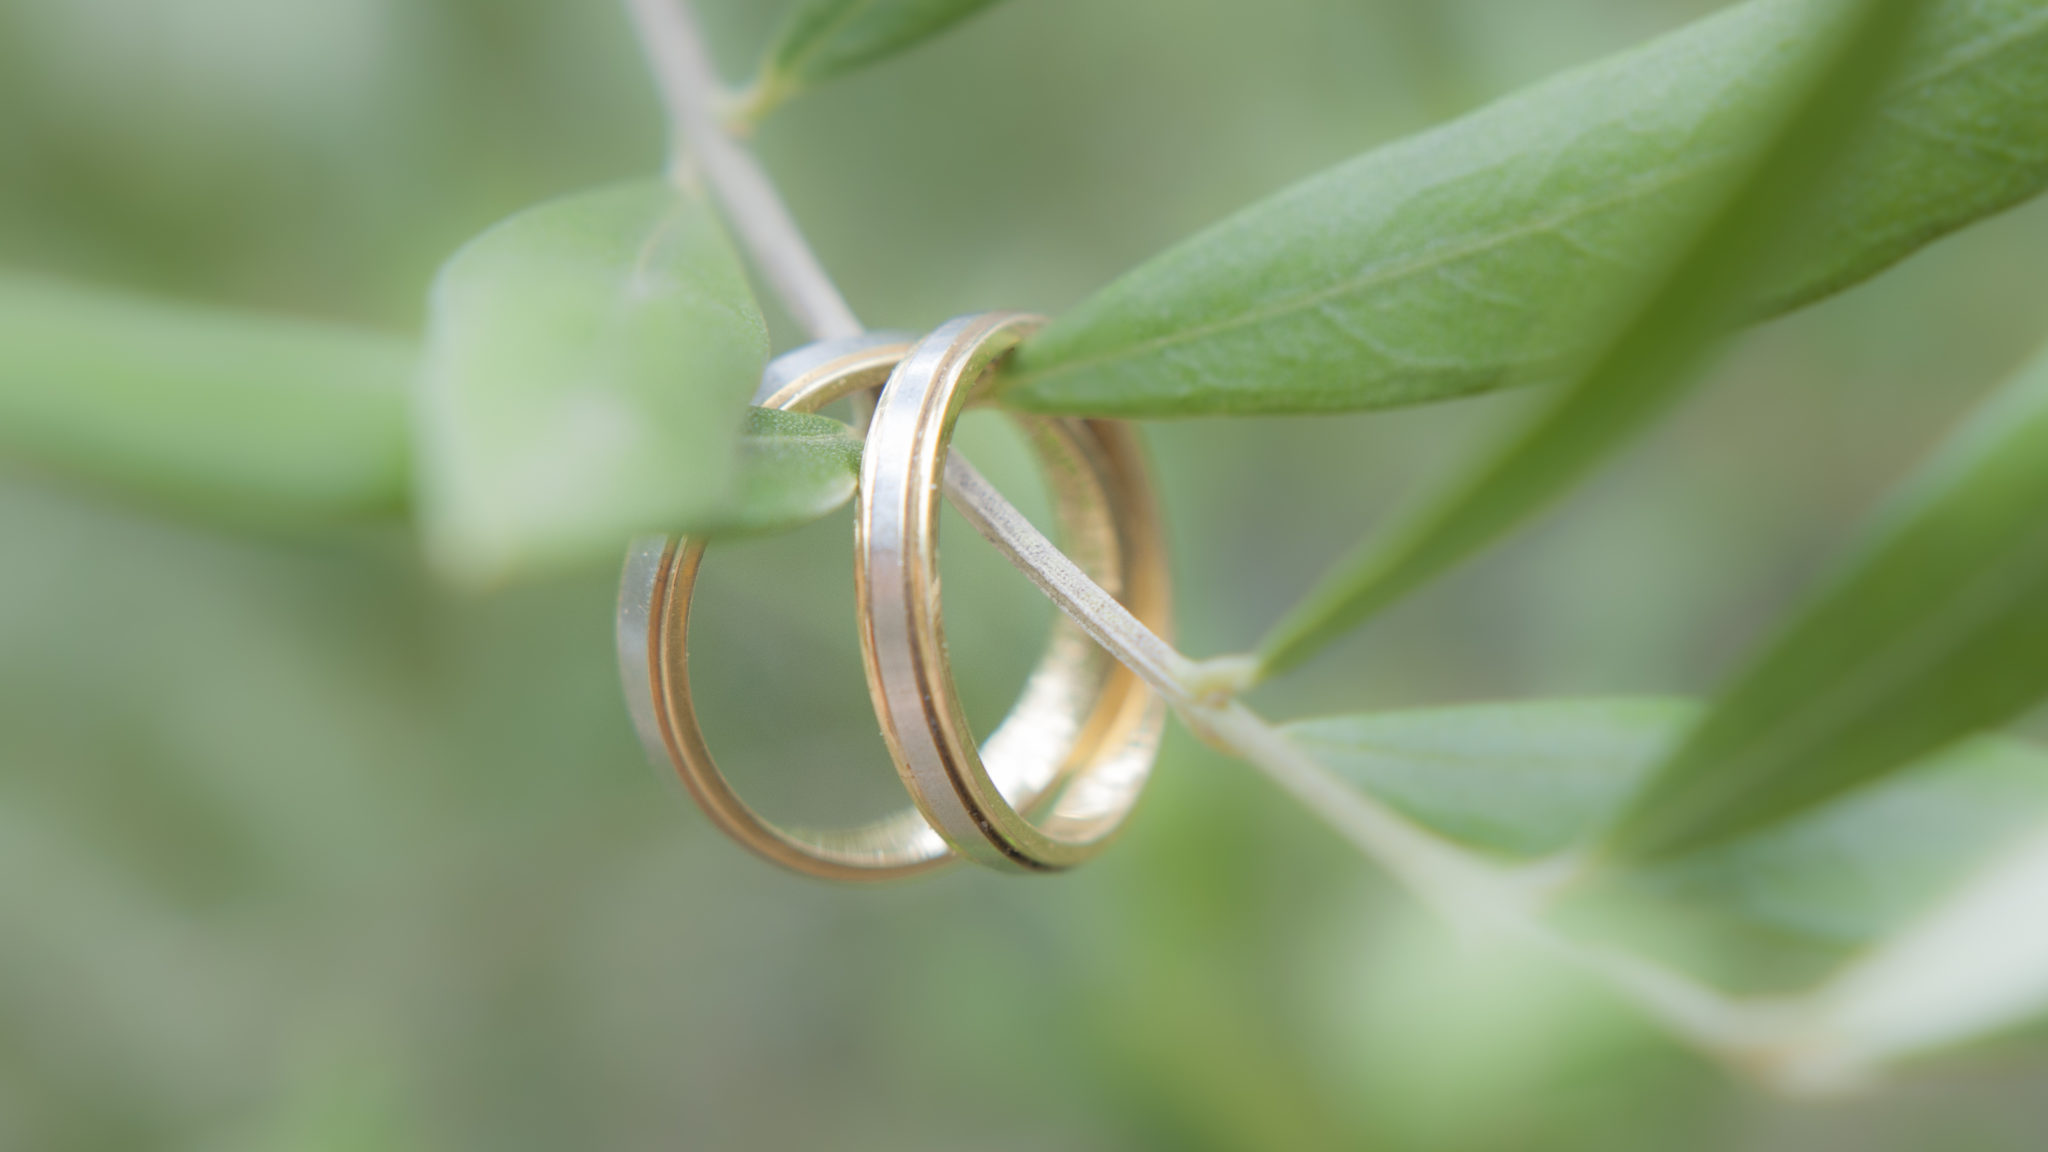 Un anneau pour les unir et dans la lumière les lier...